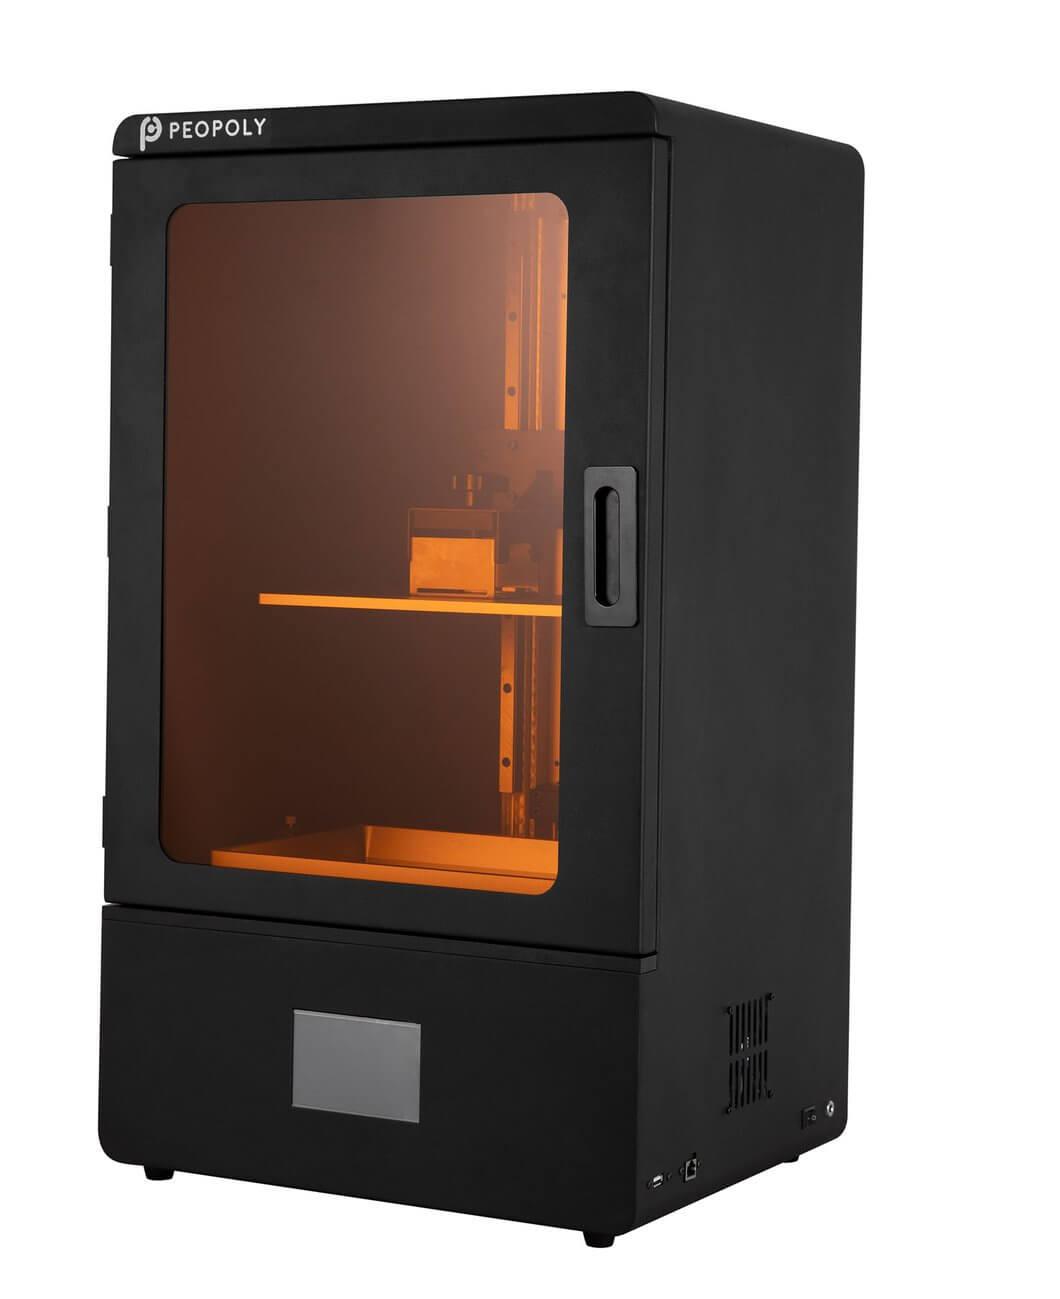 Phenom Peopoly - 3D printers